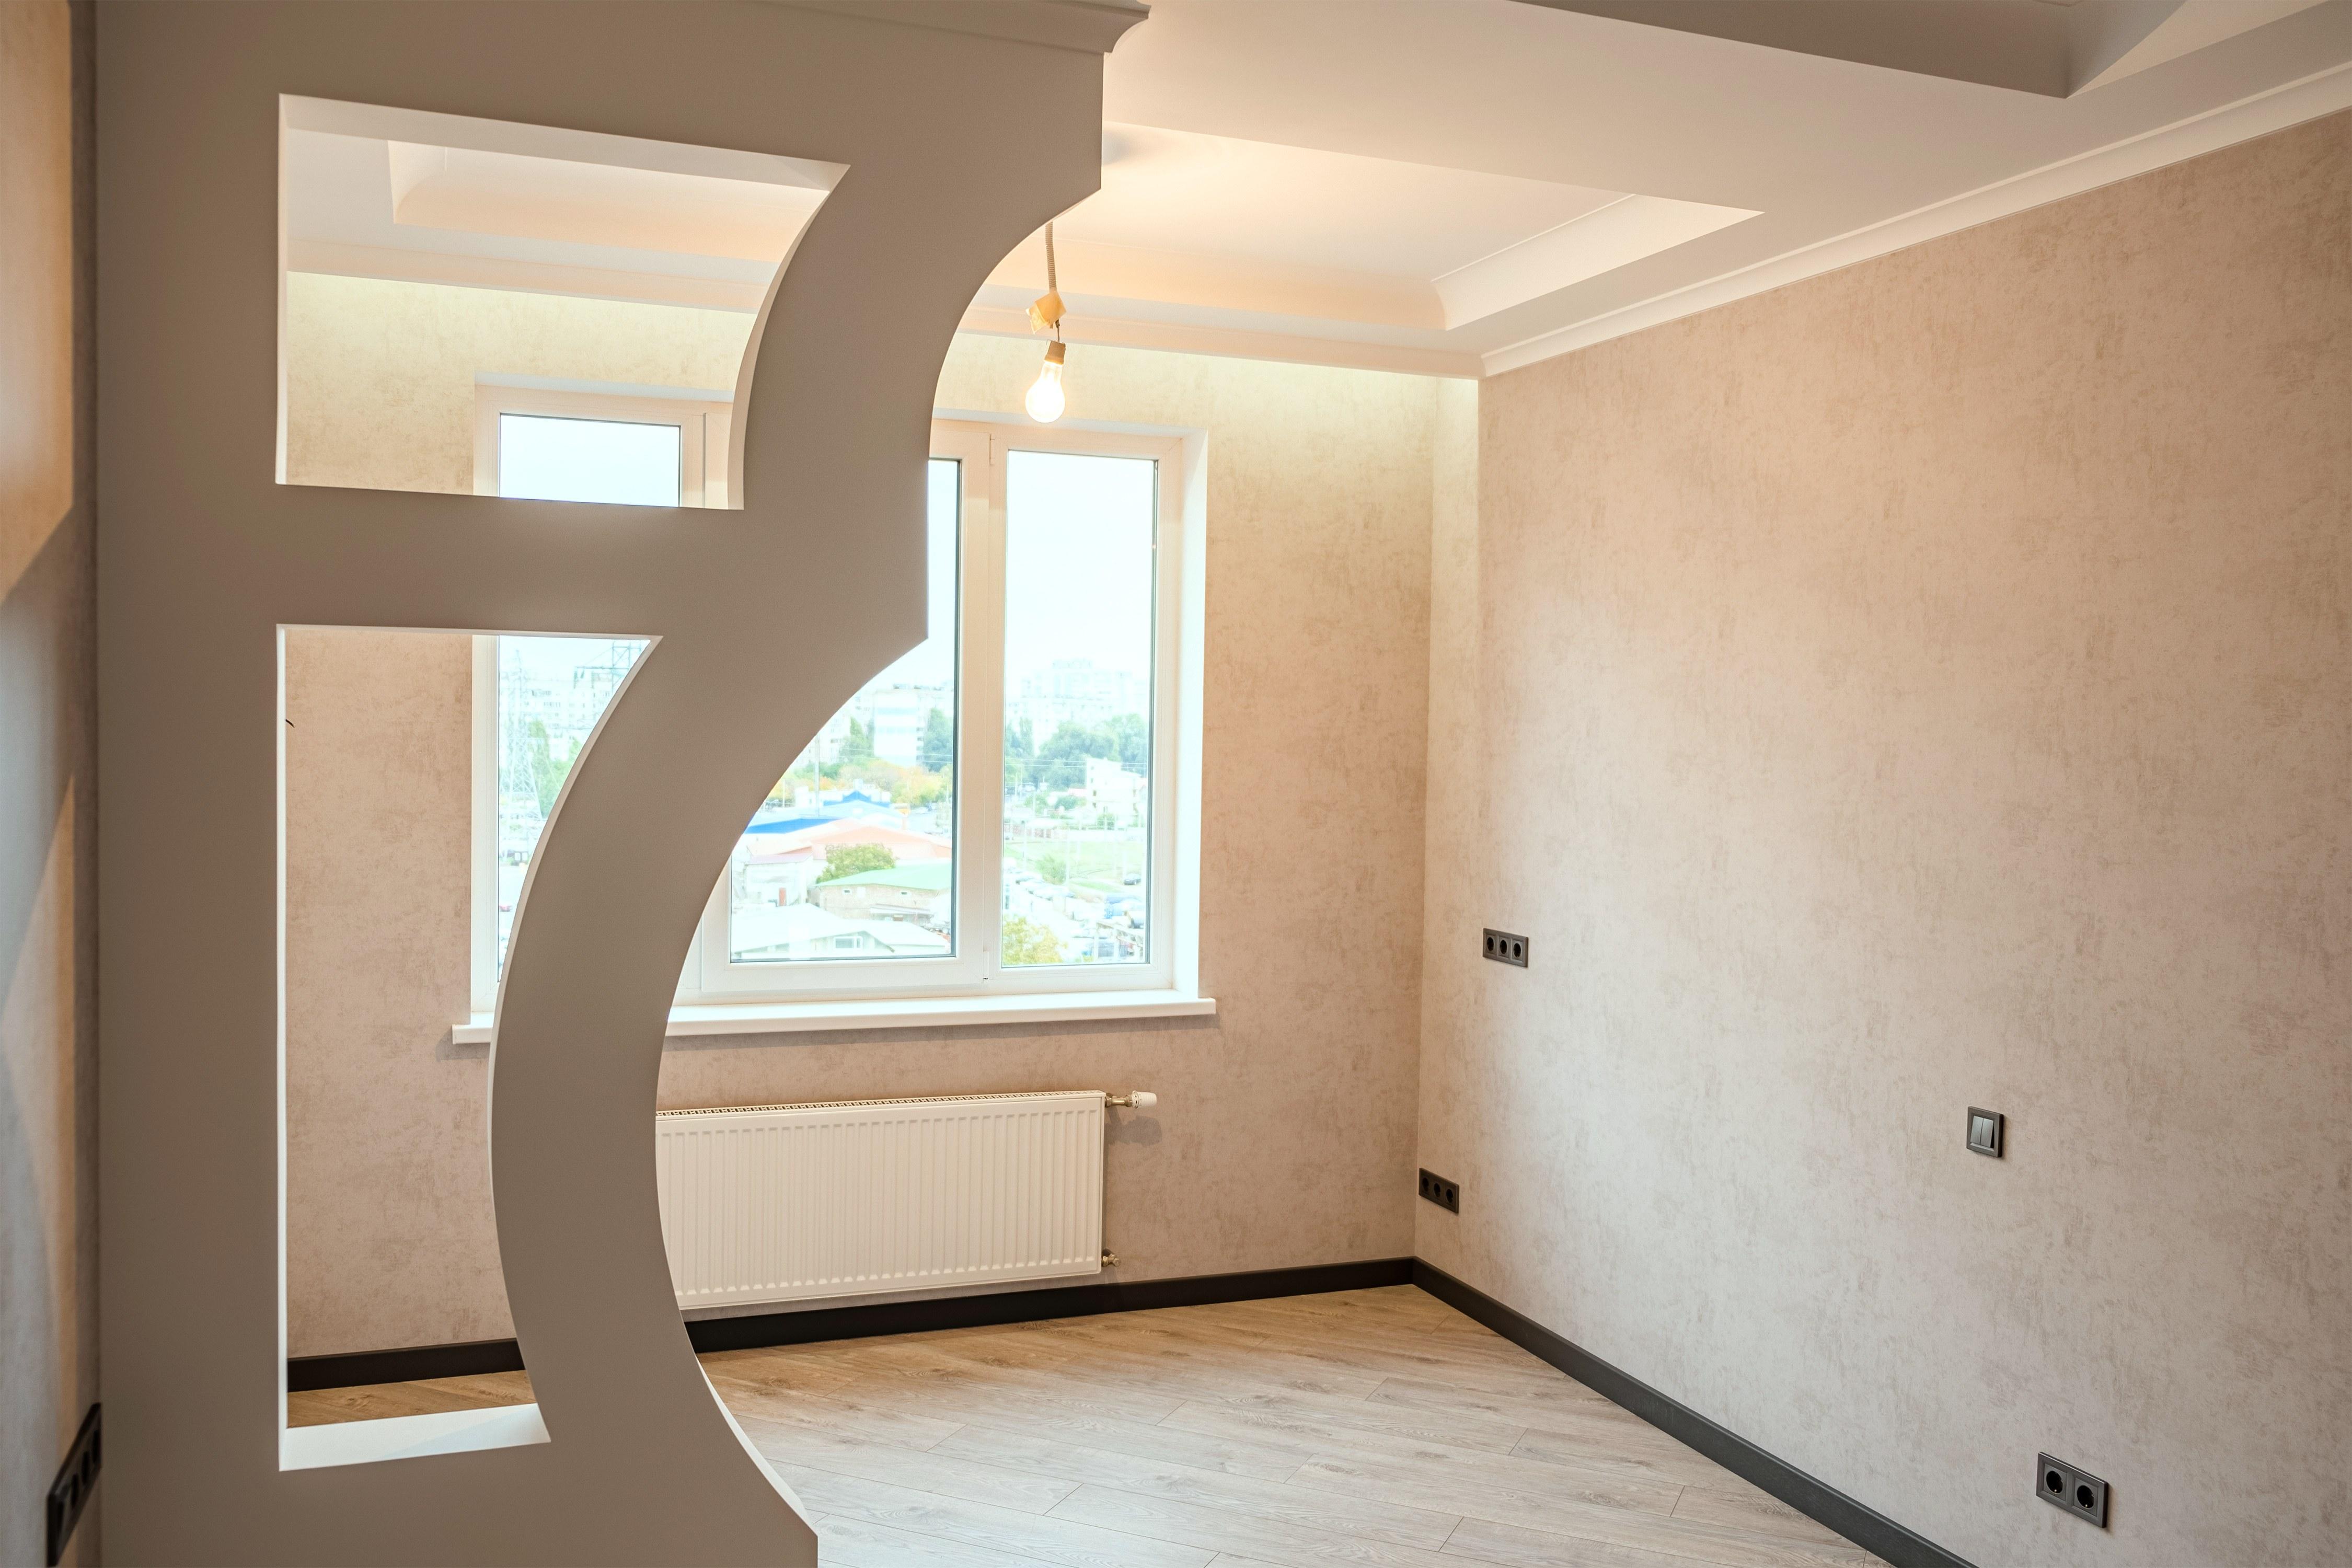 Спальня после ремонта квартиры в 29 Жемчужине